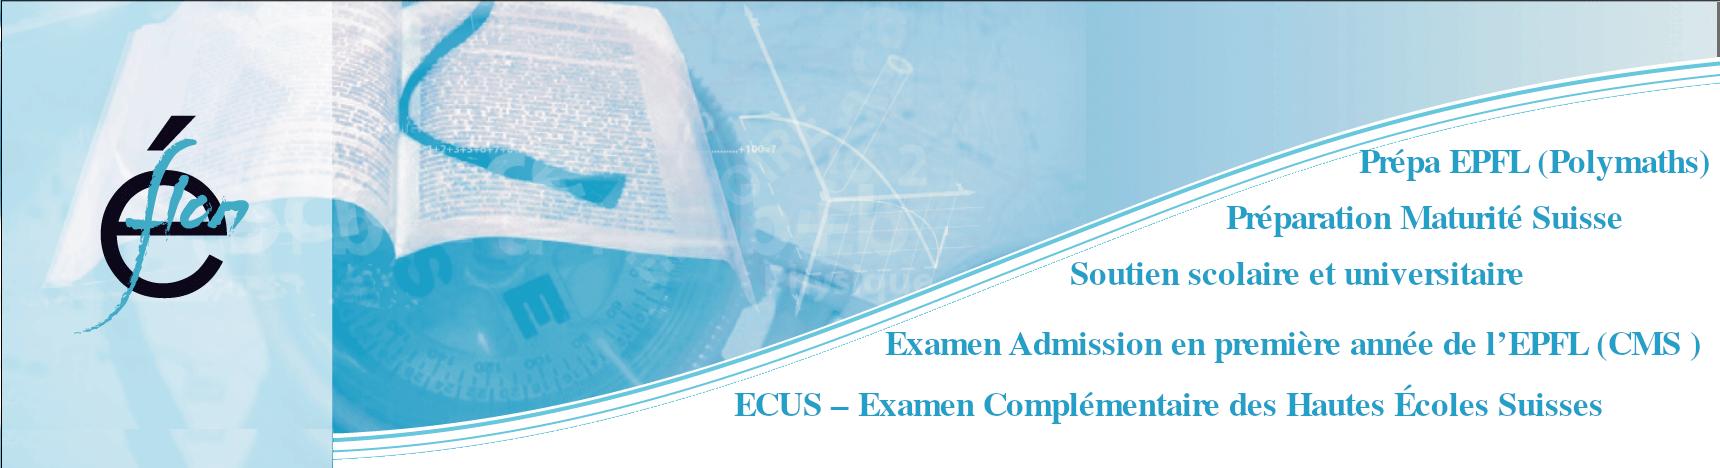 Examen d'Admission à EPFL | Cours de Mathématiques Spéciales (CMS)